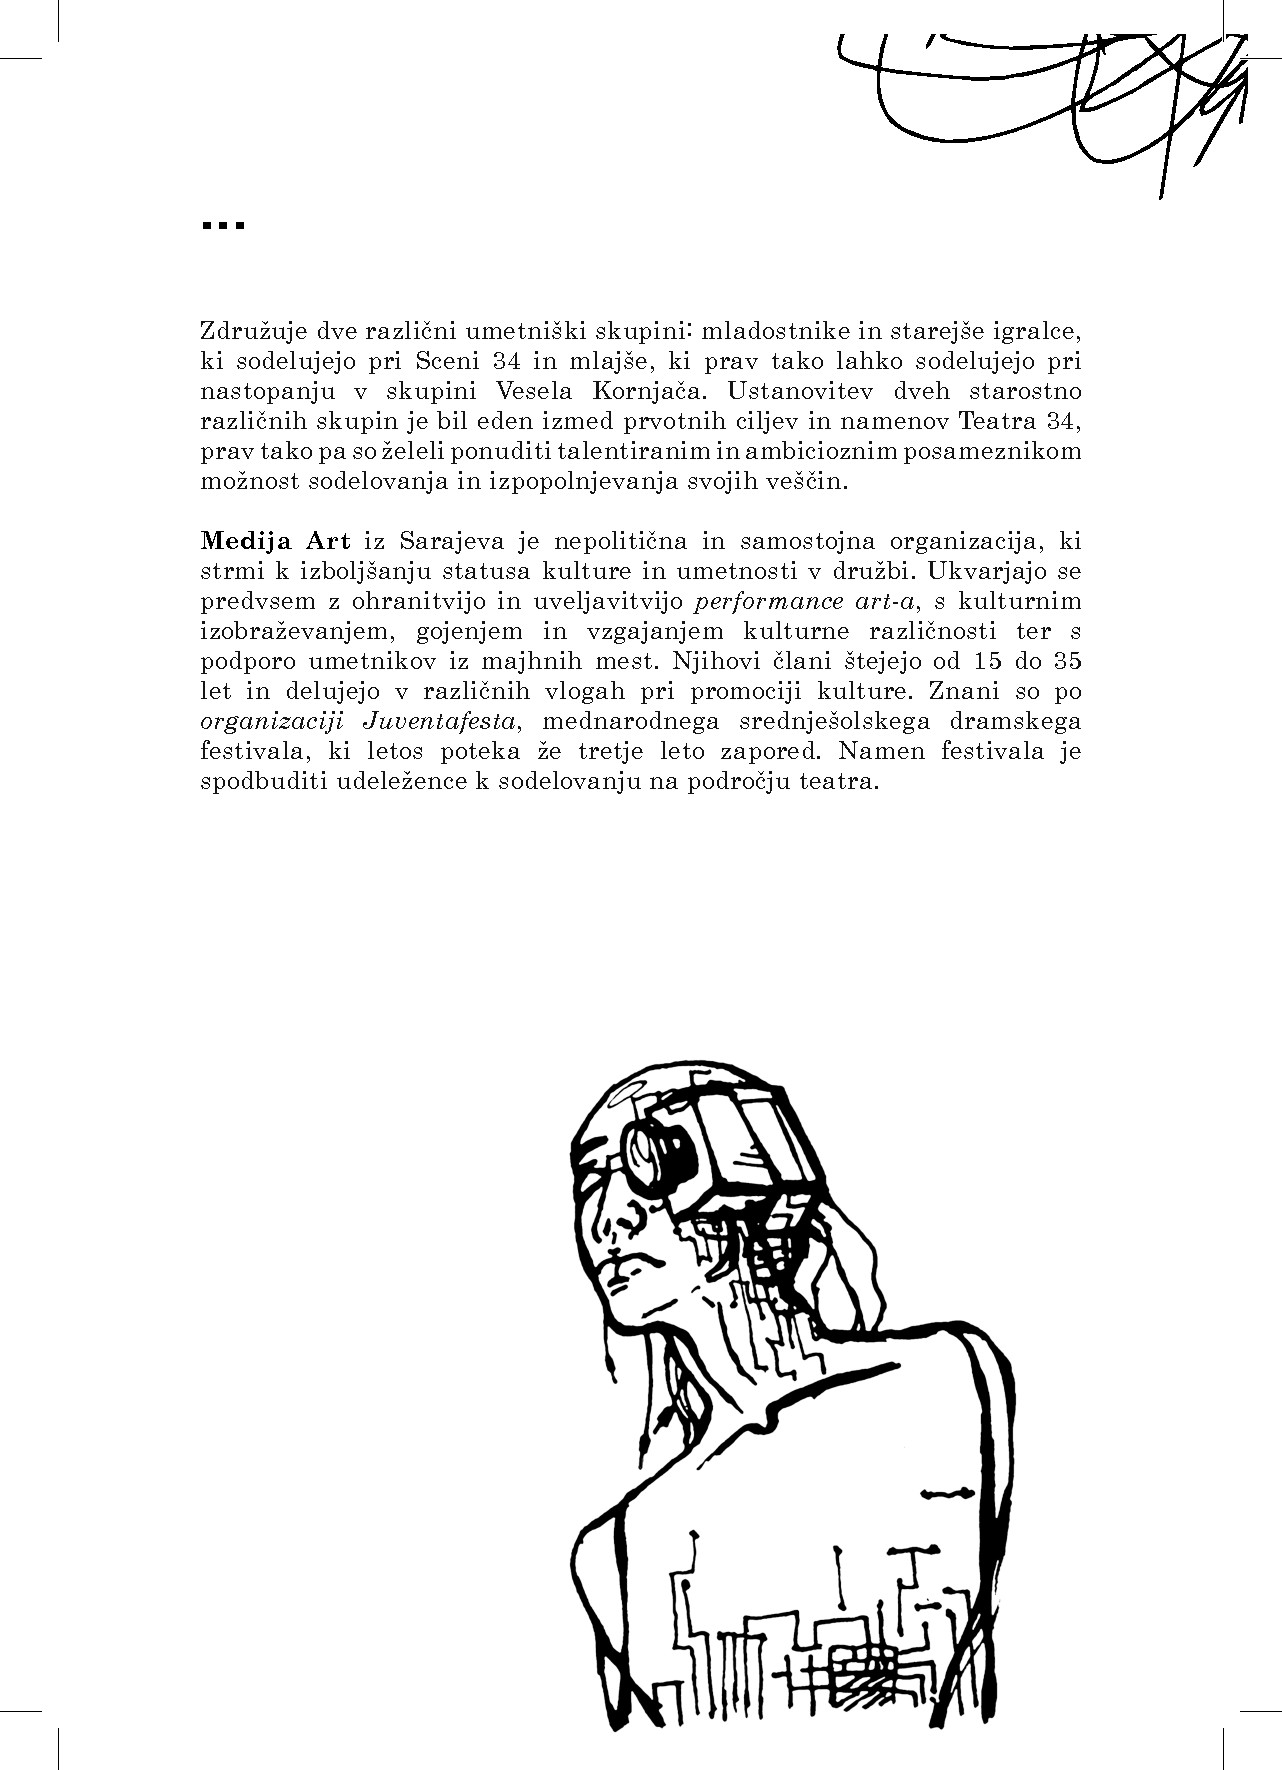 knjizica_biti_mlad-011-011.jpg